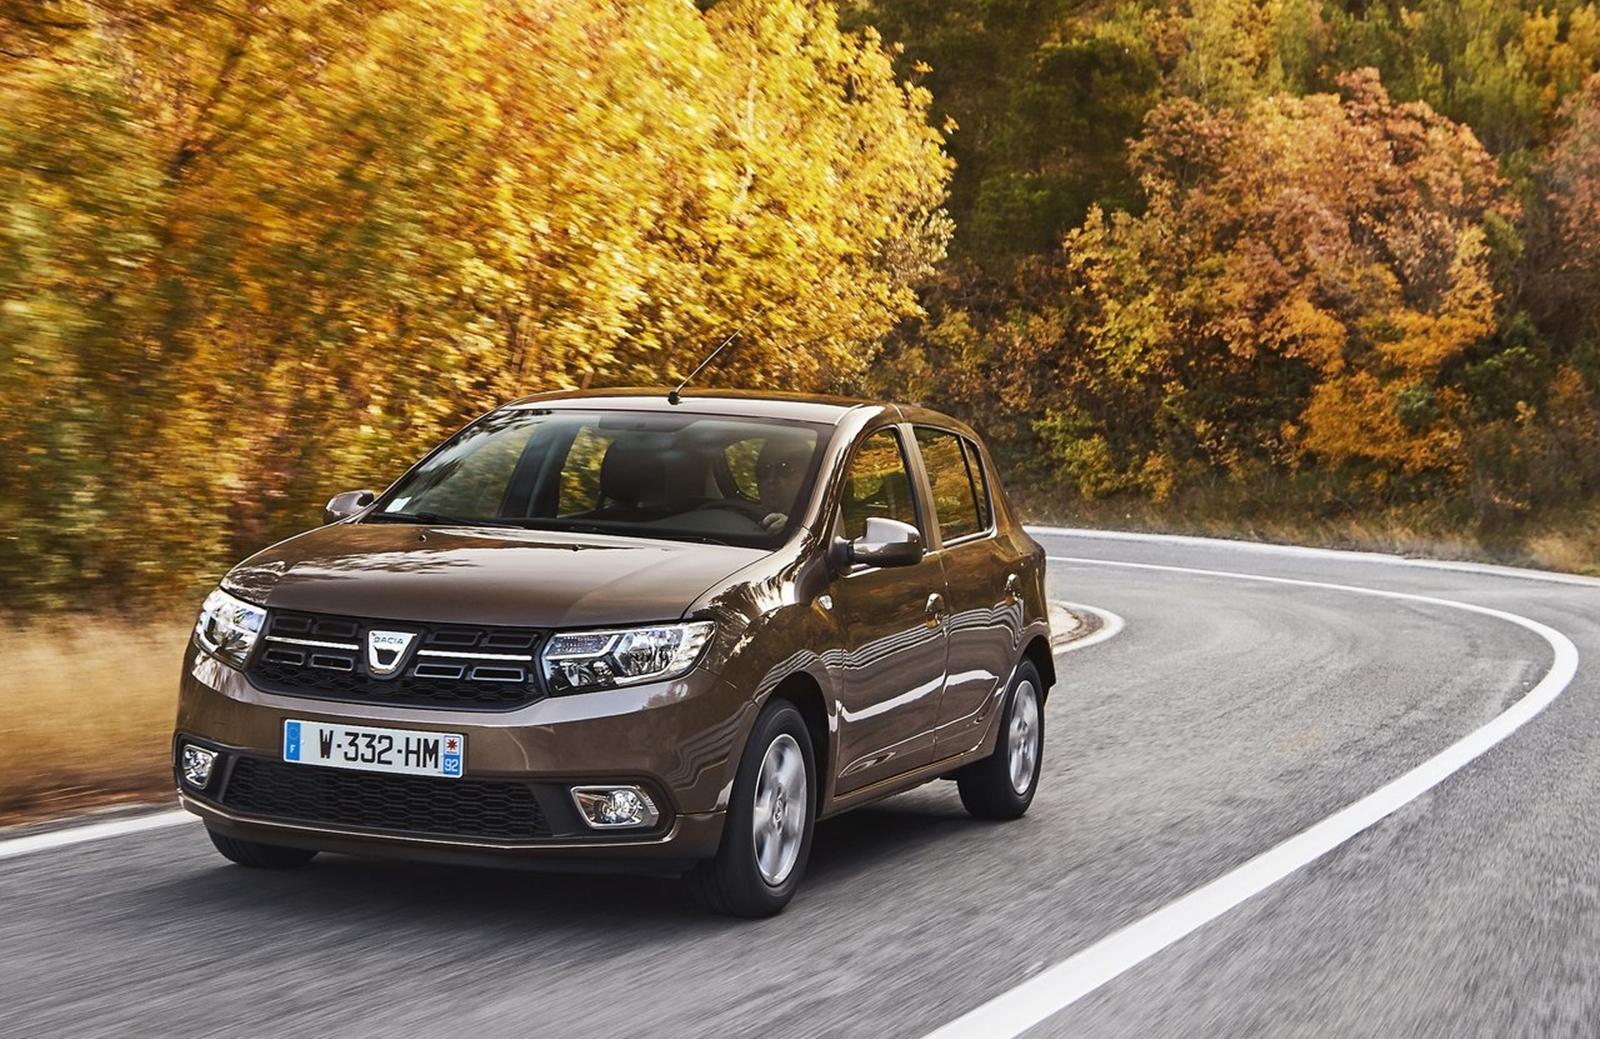 Dacia Sandero Etiqueta Eco (1)